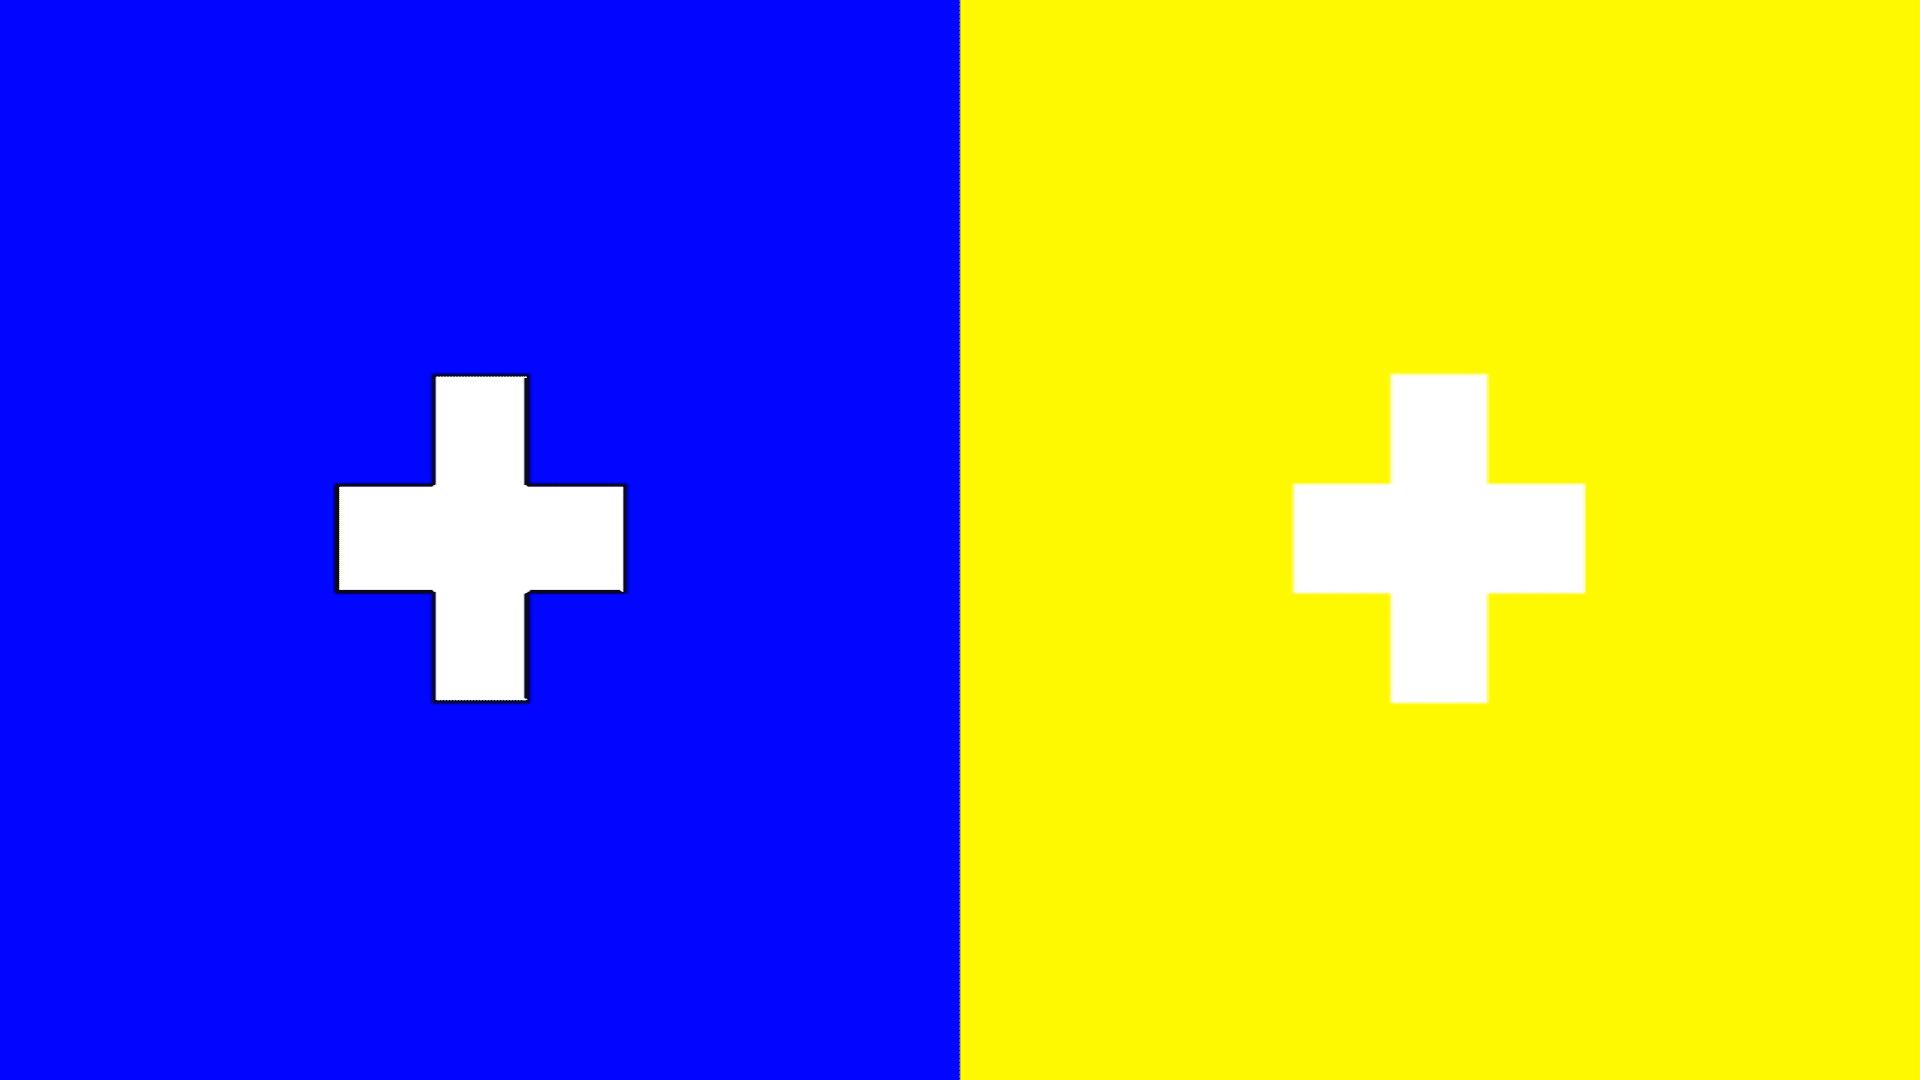 Nézd egy darabig a kék és sárga kockát, egy idő után olyan színt fogsz látni, amit eddig még soha